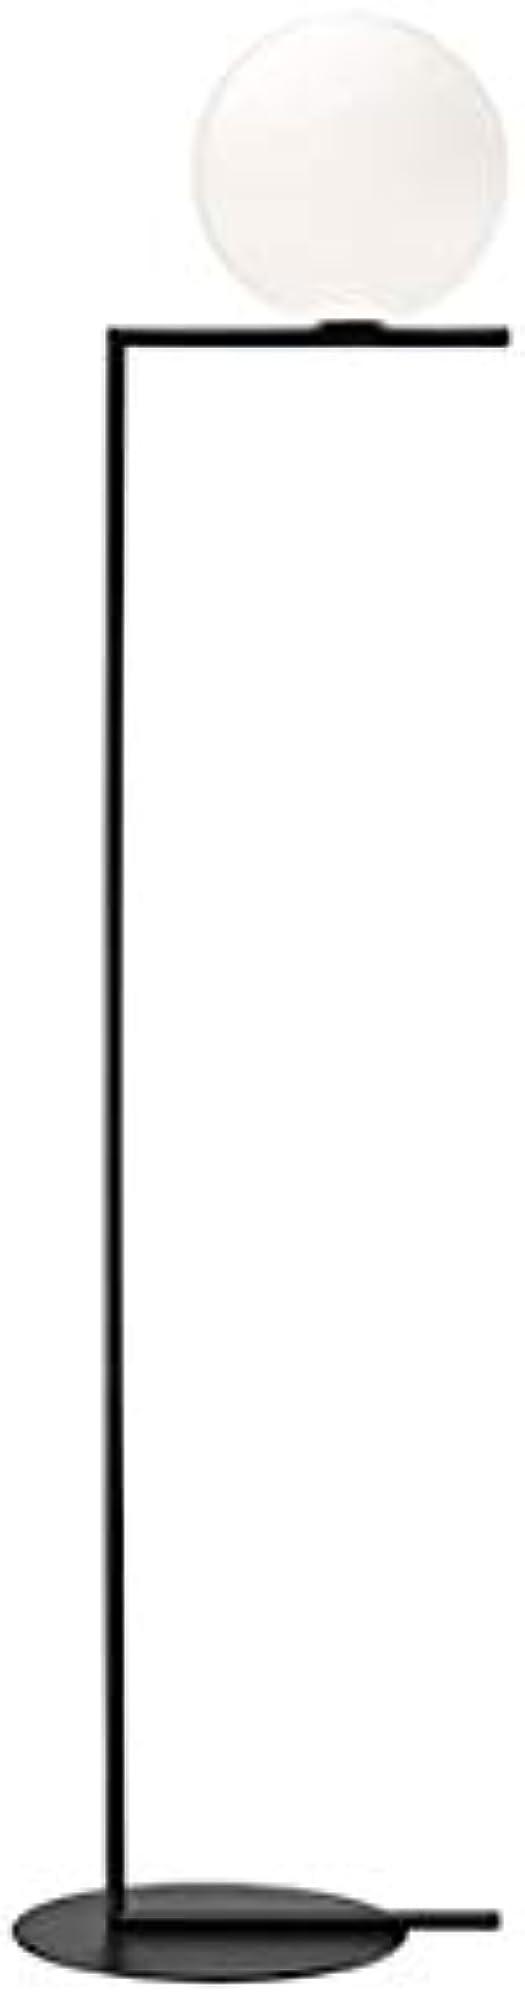 Flos ic f2 lampada da terra e27 205w in vetro opale nera F3174030